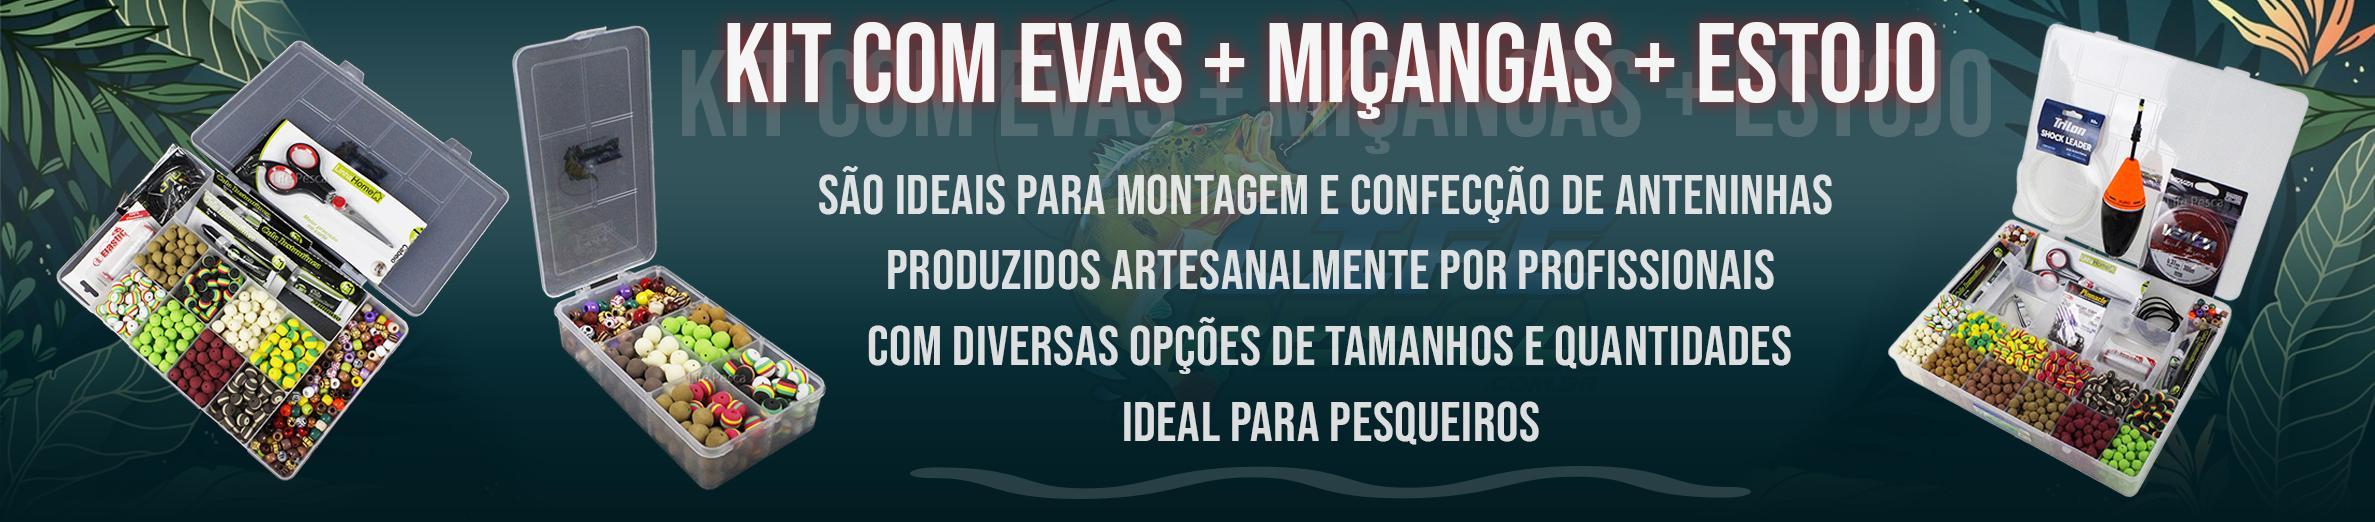 Kit de Evas+Miçangas+Estojo